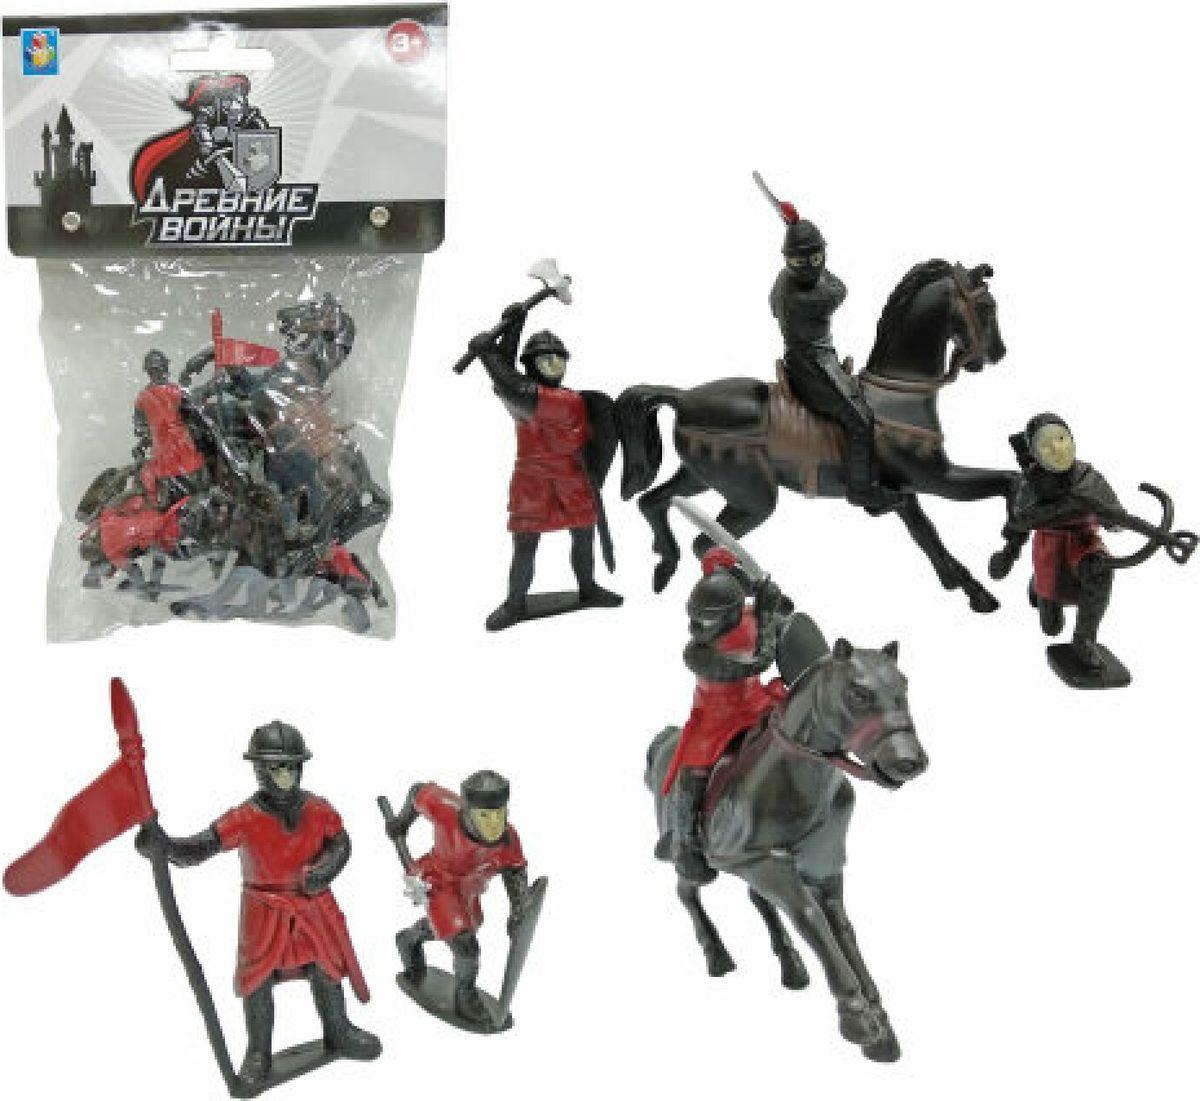 Игровой набор 1TOY Древние войны Рыцари, Т10495, 8 шт игровые наборы 1toy игровой набор красотка с феном расческа зеркало заколки аксессуары